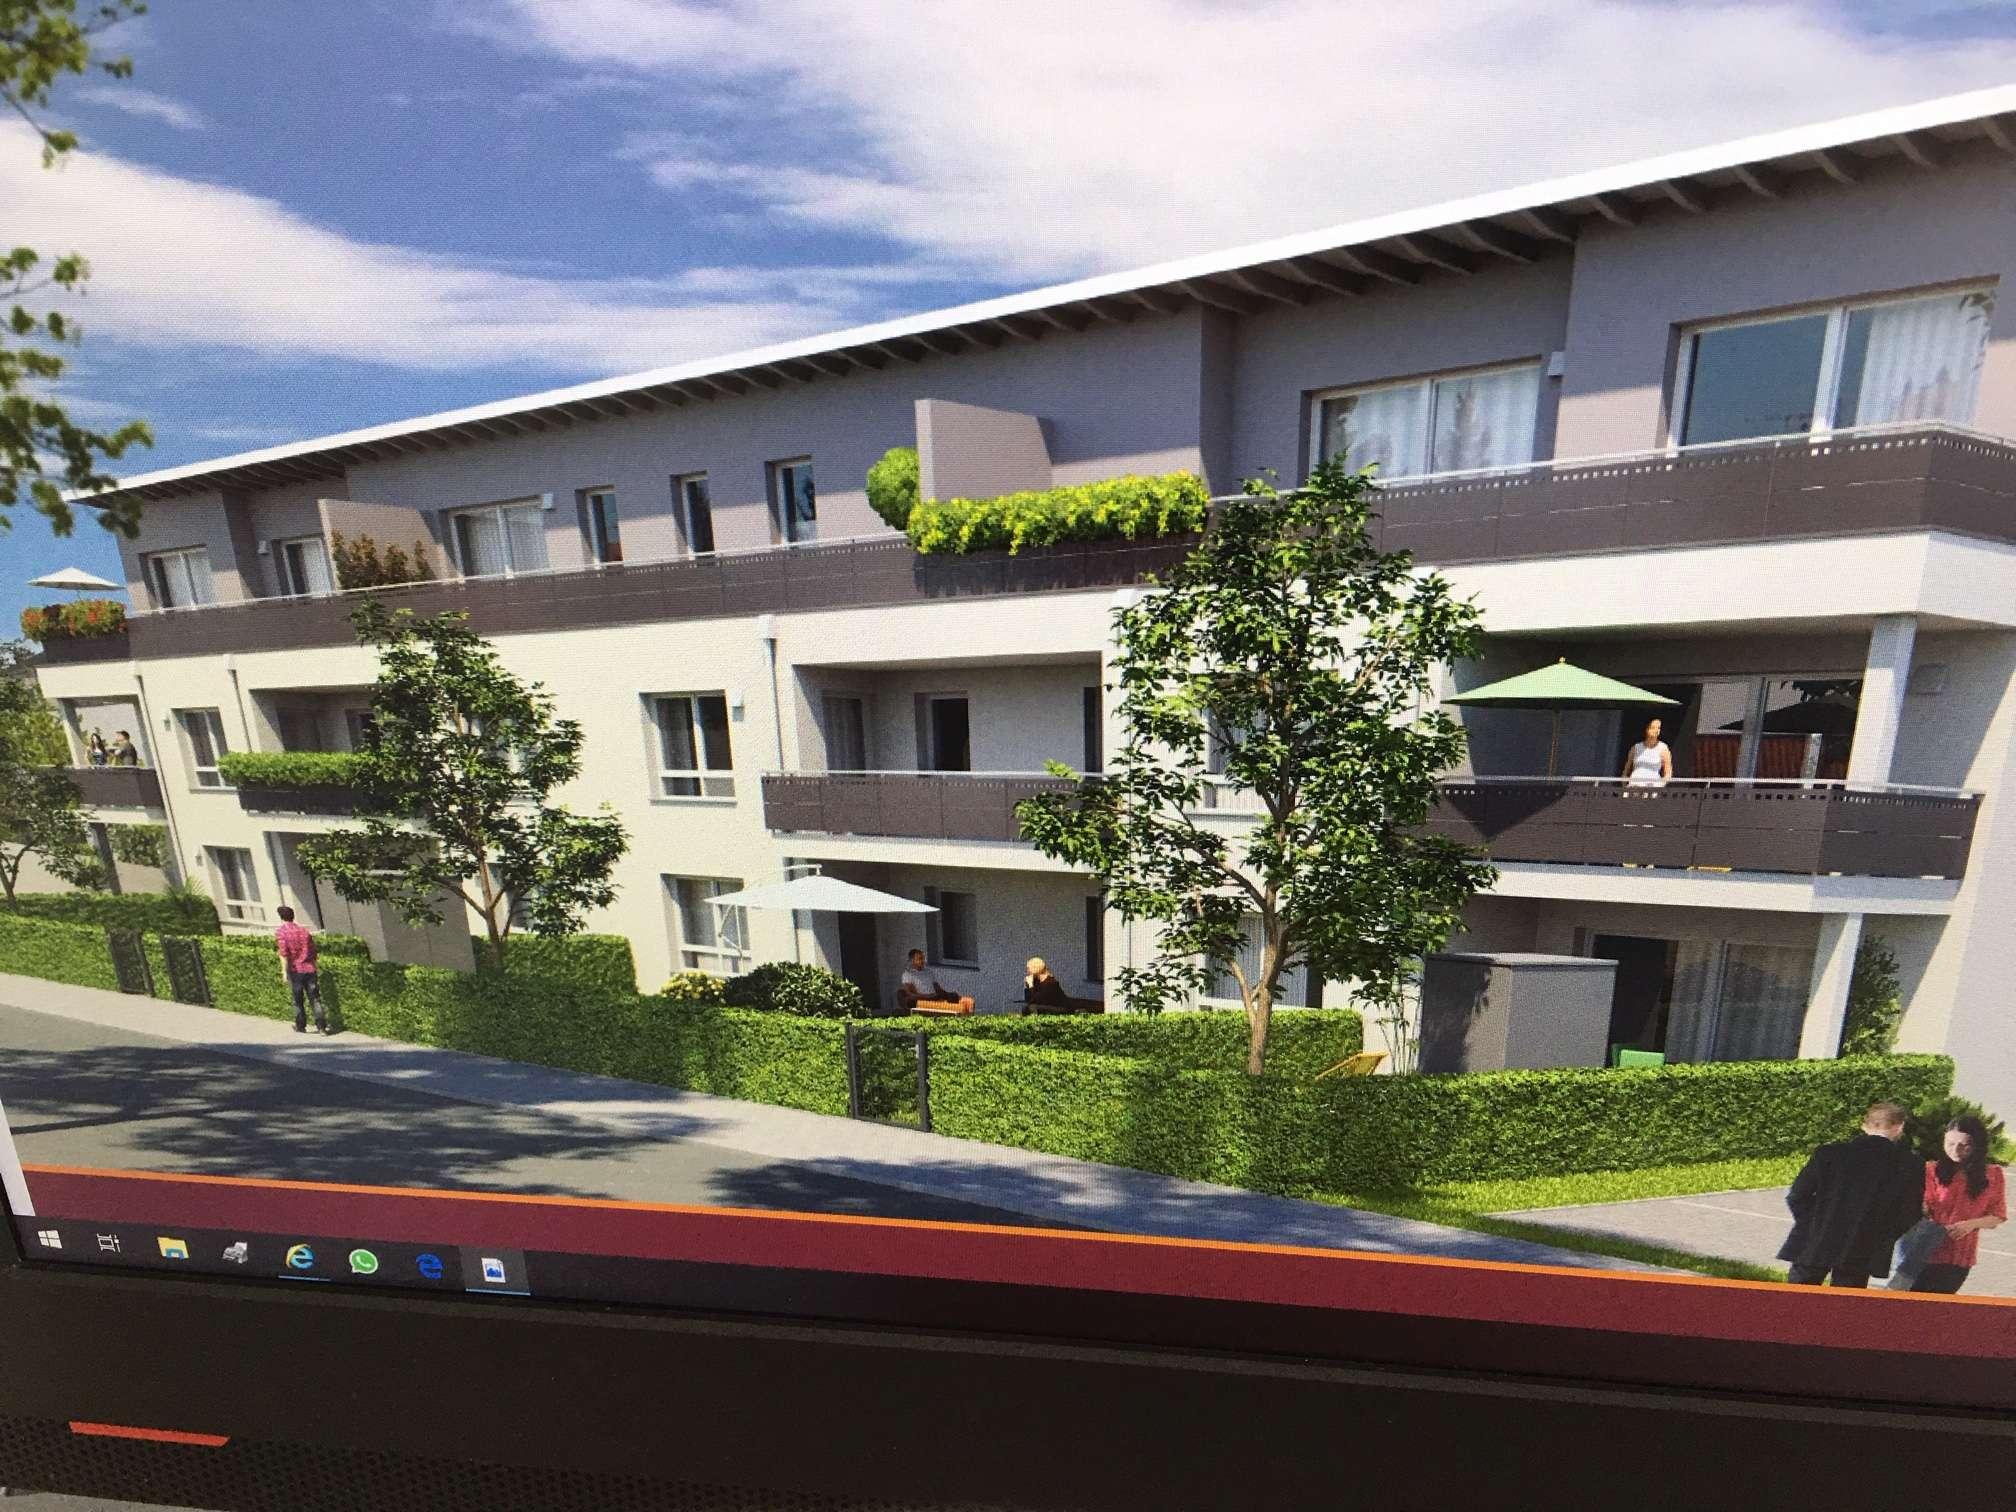 Neue 2-Zimmer-Wohnung mit Einbauküche, Balkon, Aufzug und Pkw-Stellplatz in bevorzugter Wohnage